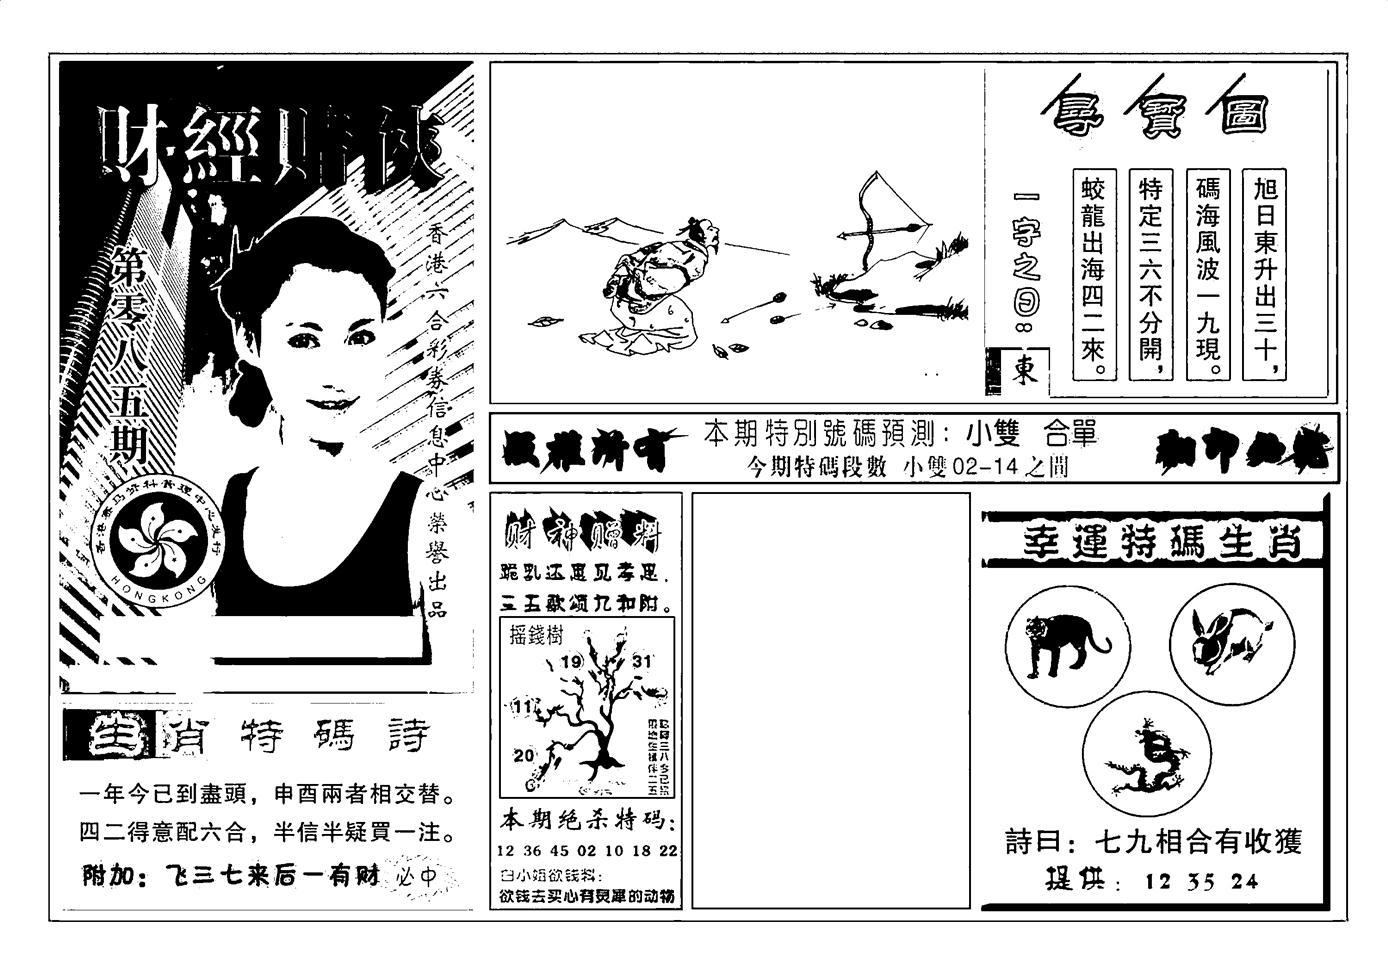 085期六合彩大三元(黑白)